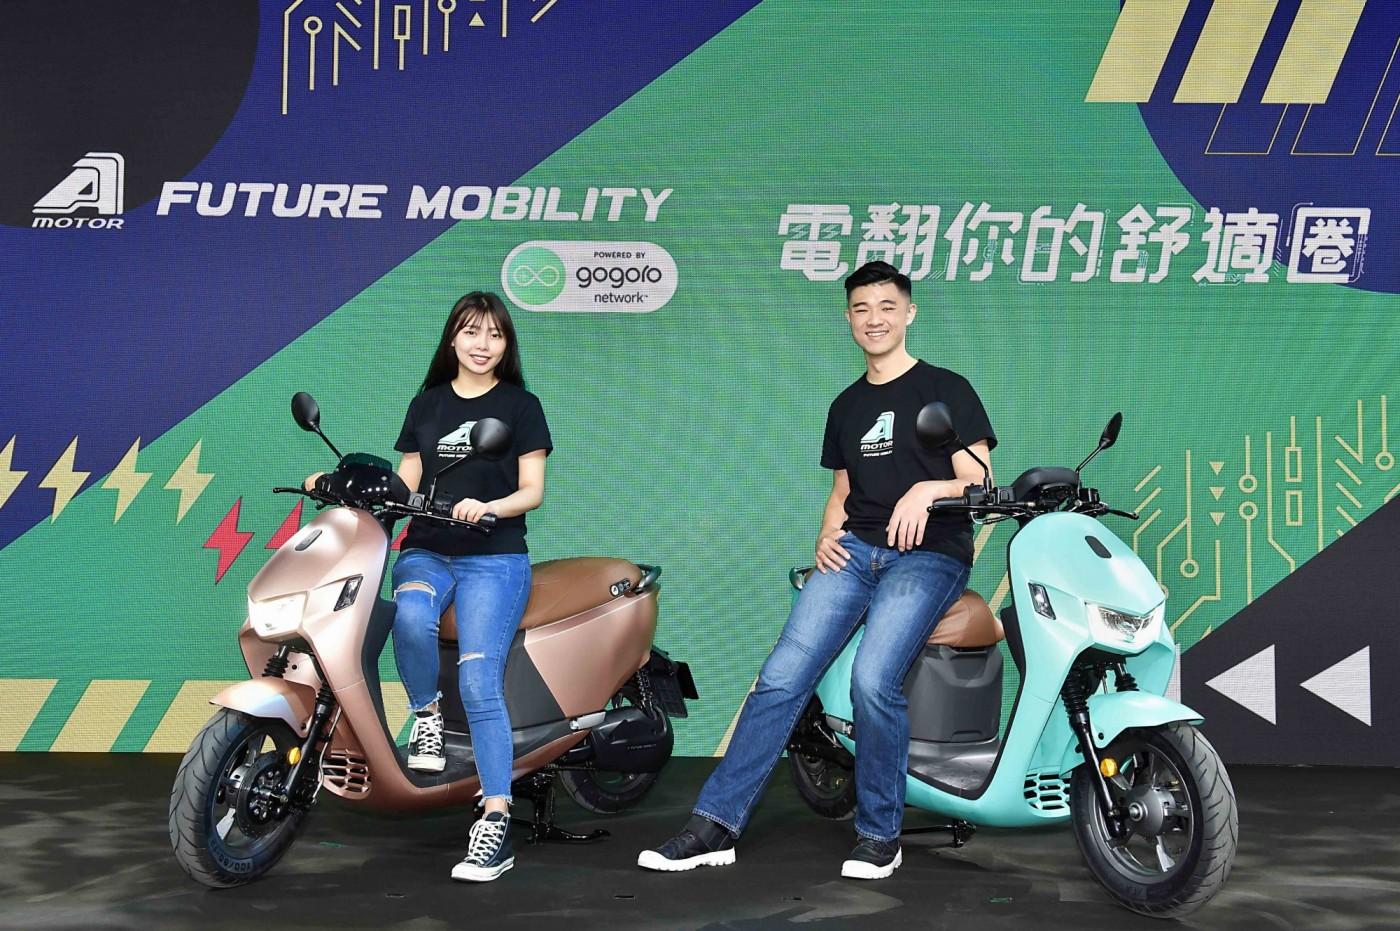 無畏補助逆風!宏佳騰國民電動車Ai-1 Comfort登場,執行長爆料智慧儀表新玩法